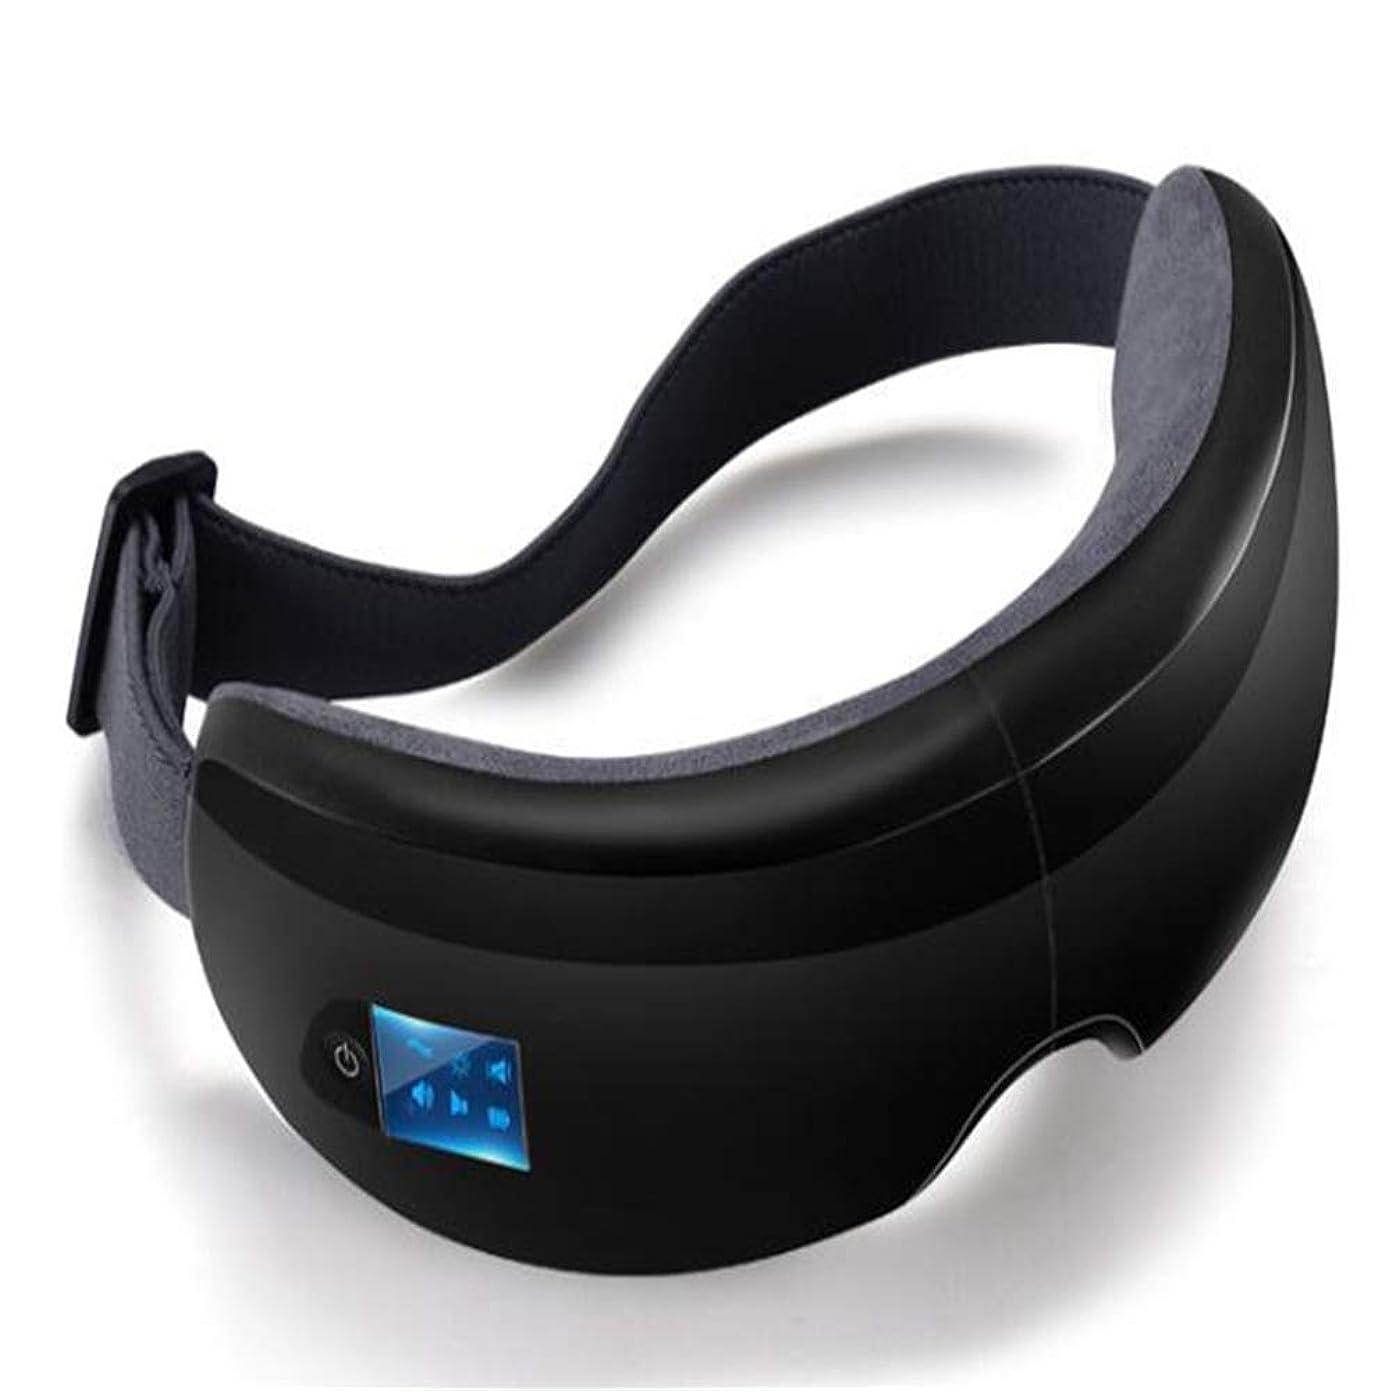 物理的な症状やさしいアイマスク一定温度ホット圧縮エアバッグプレス振動ワイヤレスアイプロテクターホットパック折りたたみアイマッサージ,Black